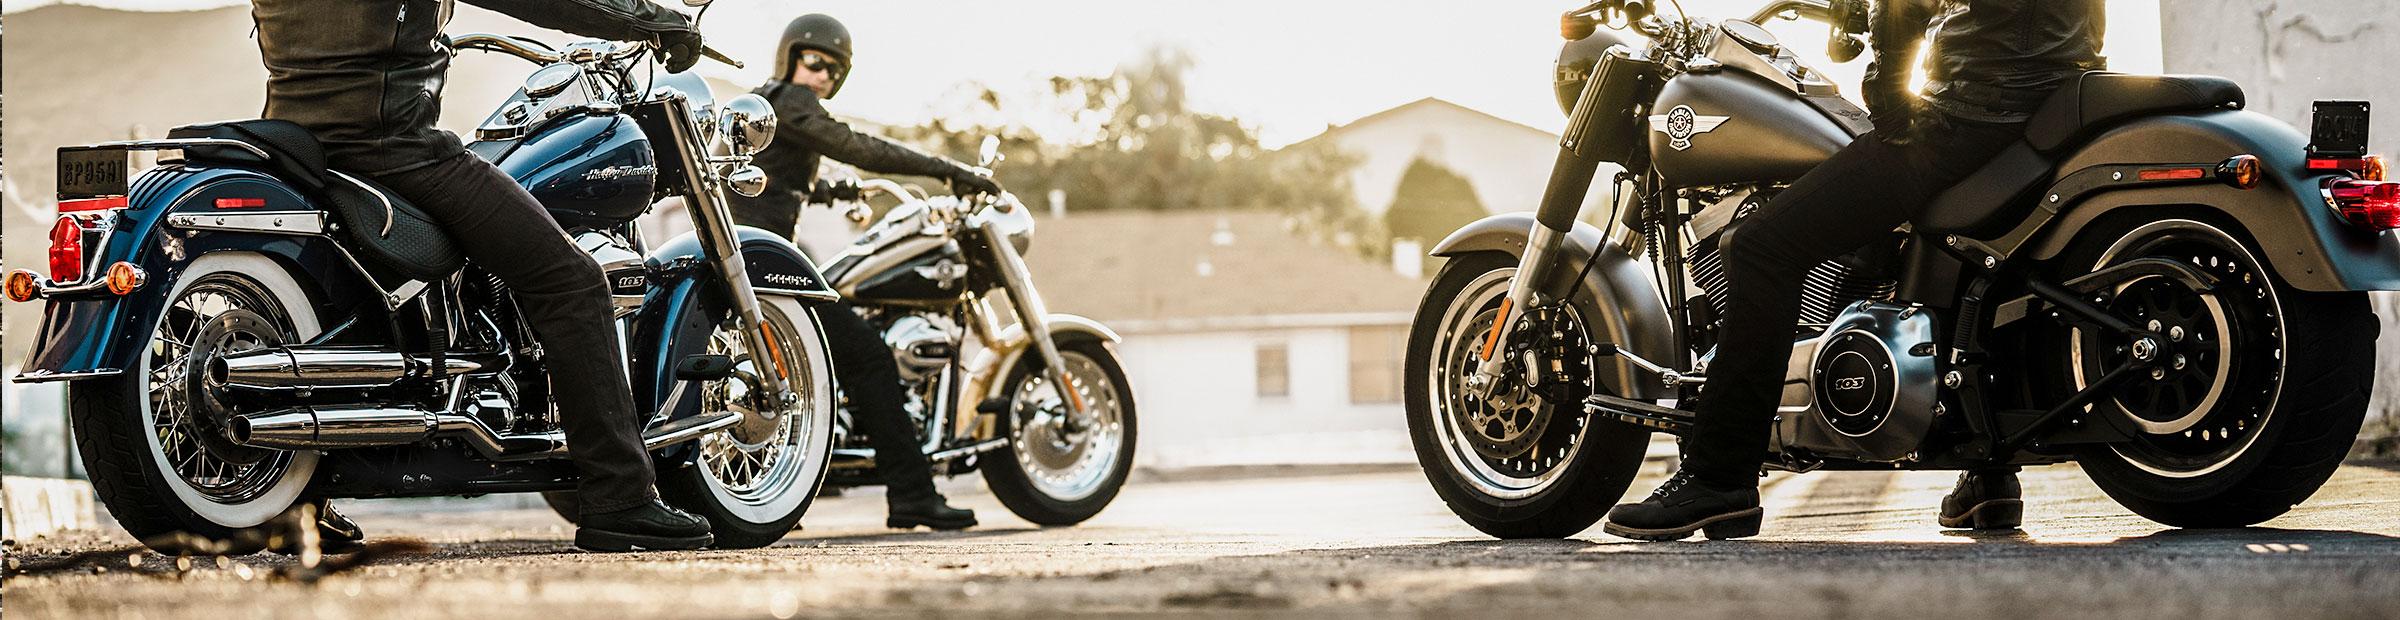 Подержанные мотоциклы